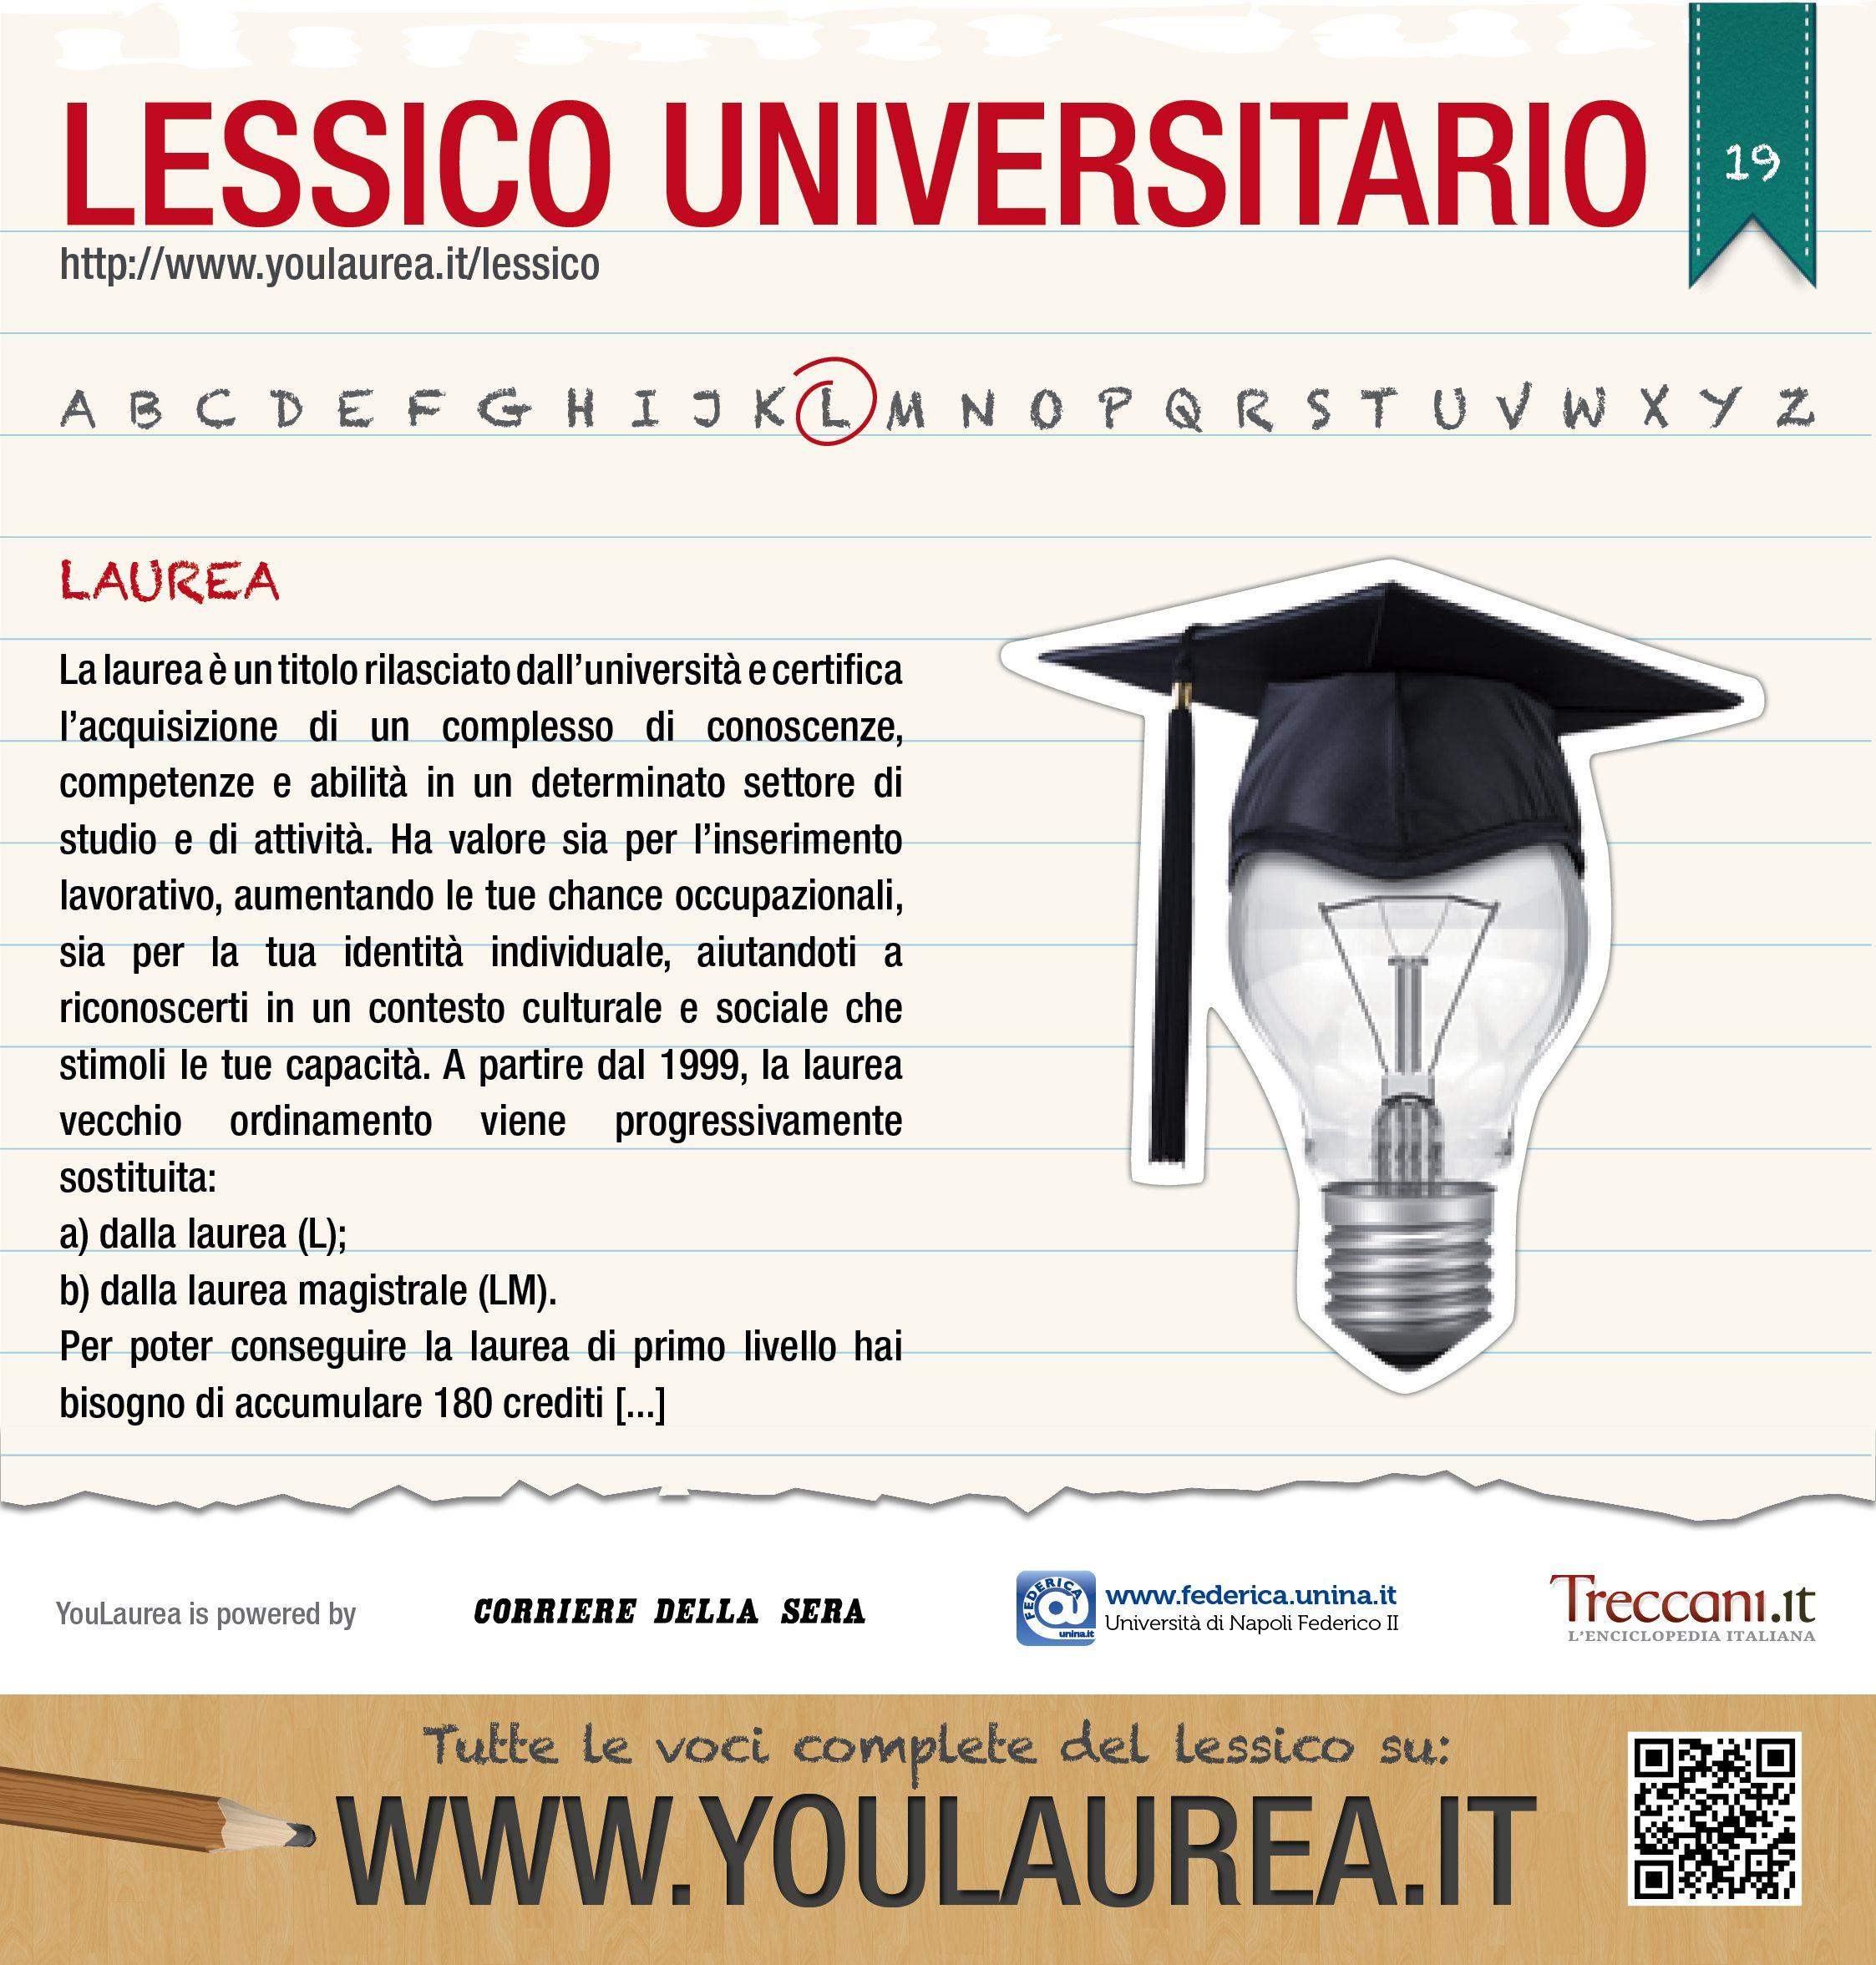 La laurea è un titolo rilasciato dall'università e certifica l'acquisizione di un complesso di conoscenze, competenze e abilità in un determinato settore di studio e di attività...